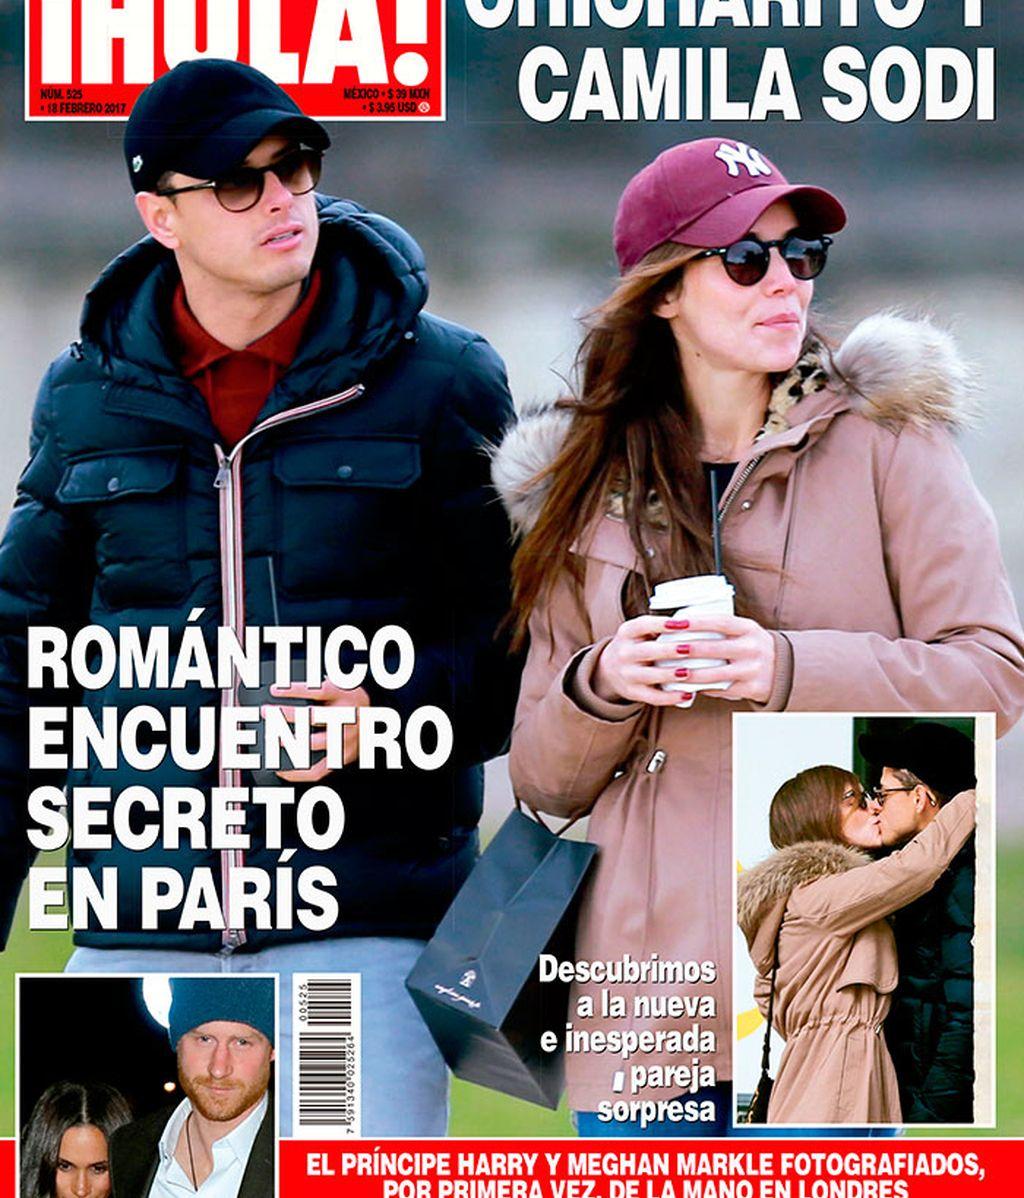 Chicharito y Camila Sodi, portada de la revista'¡Hola!'